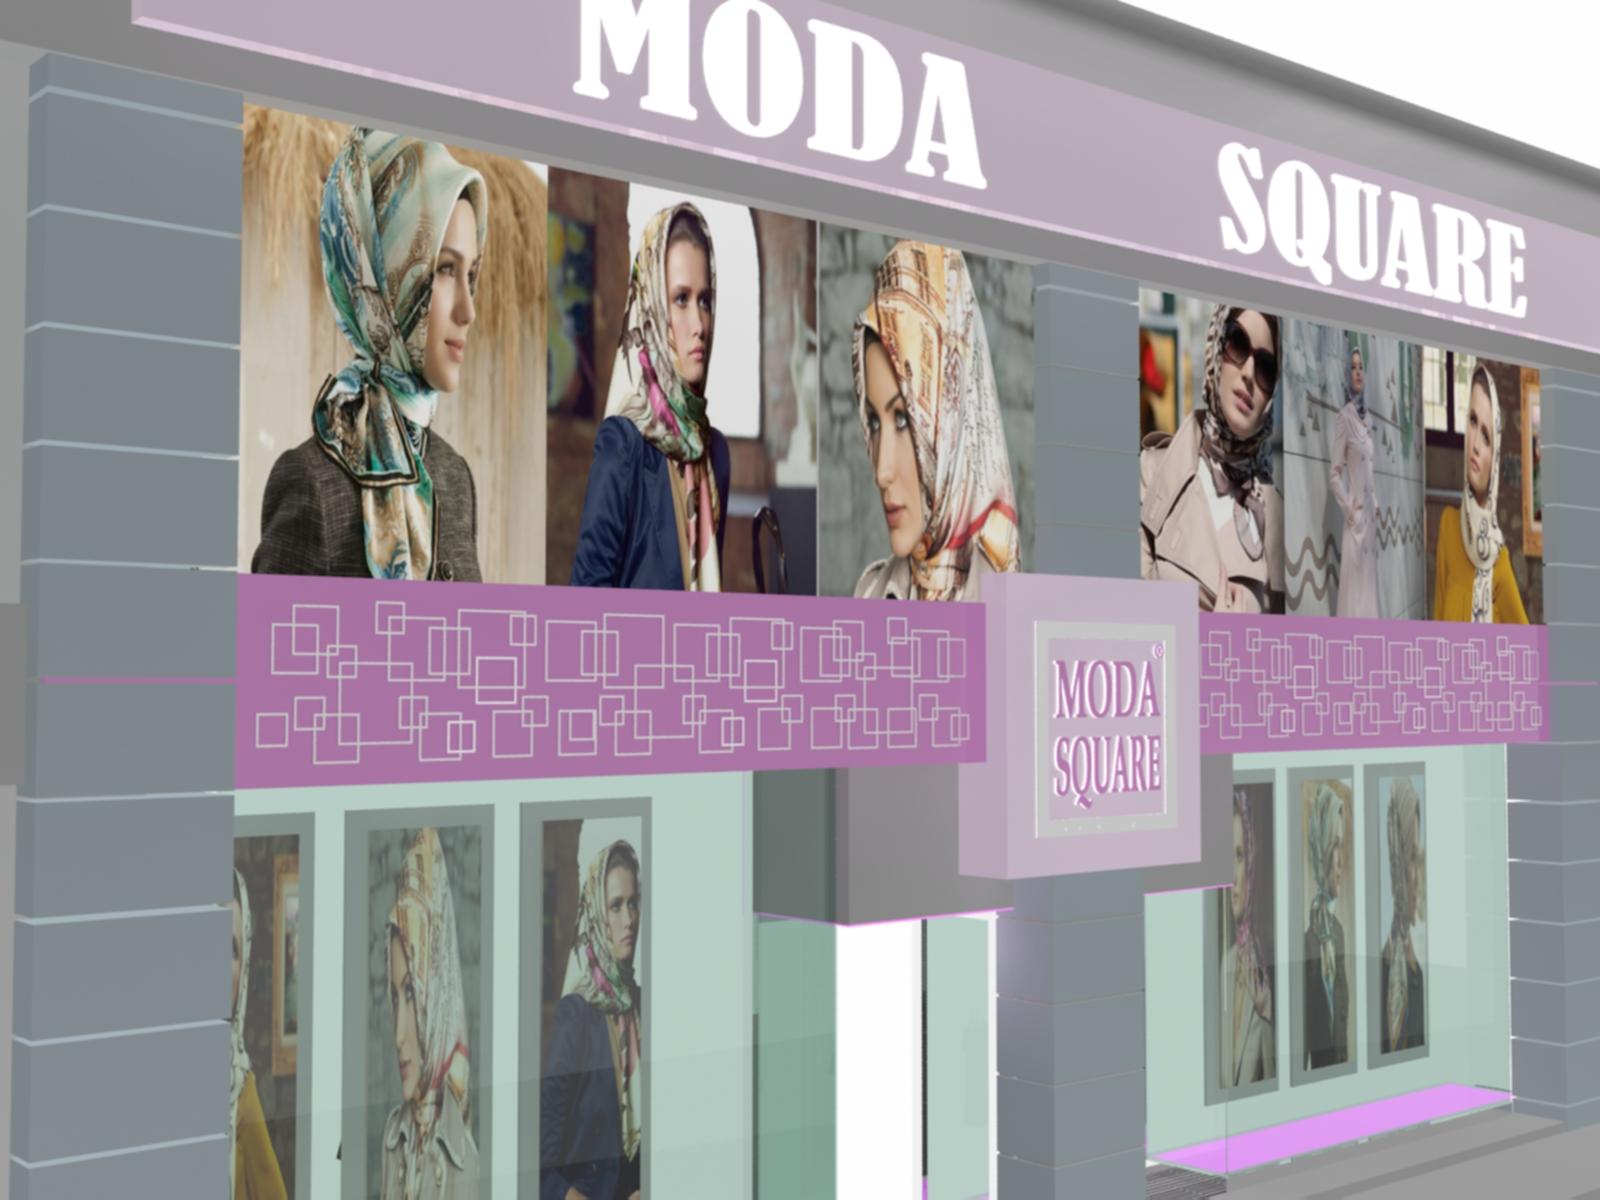 MODA SQUARE REN3